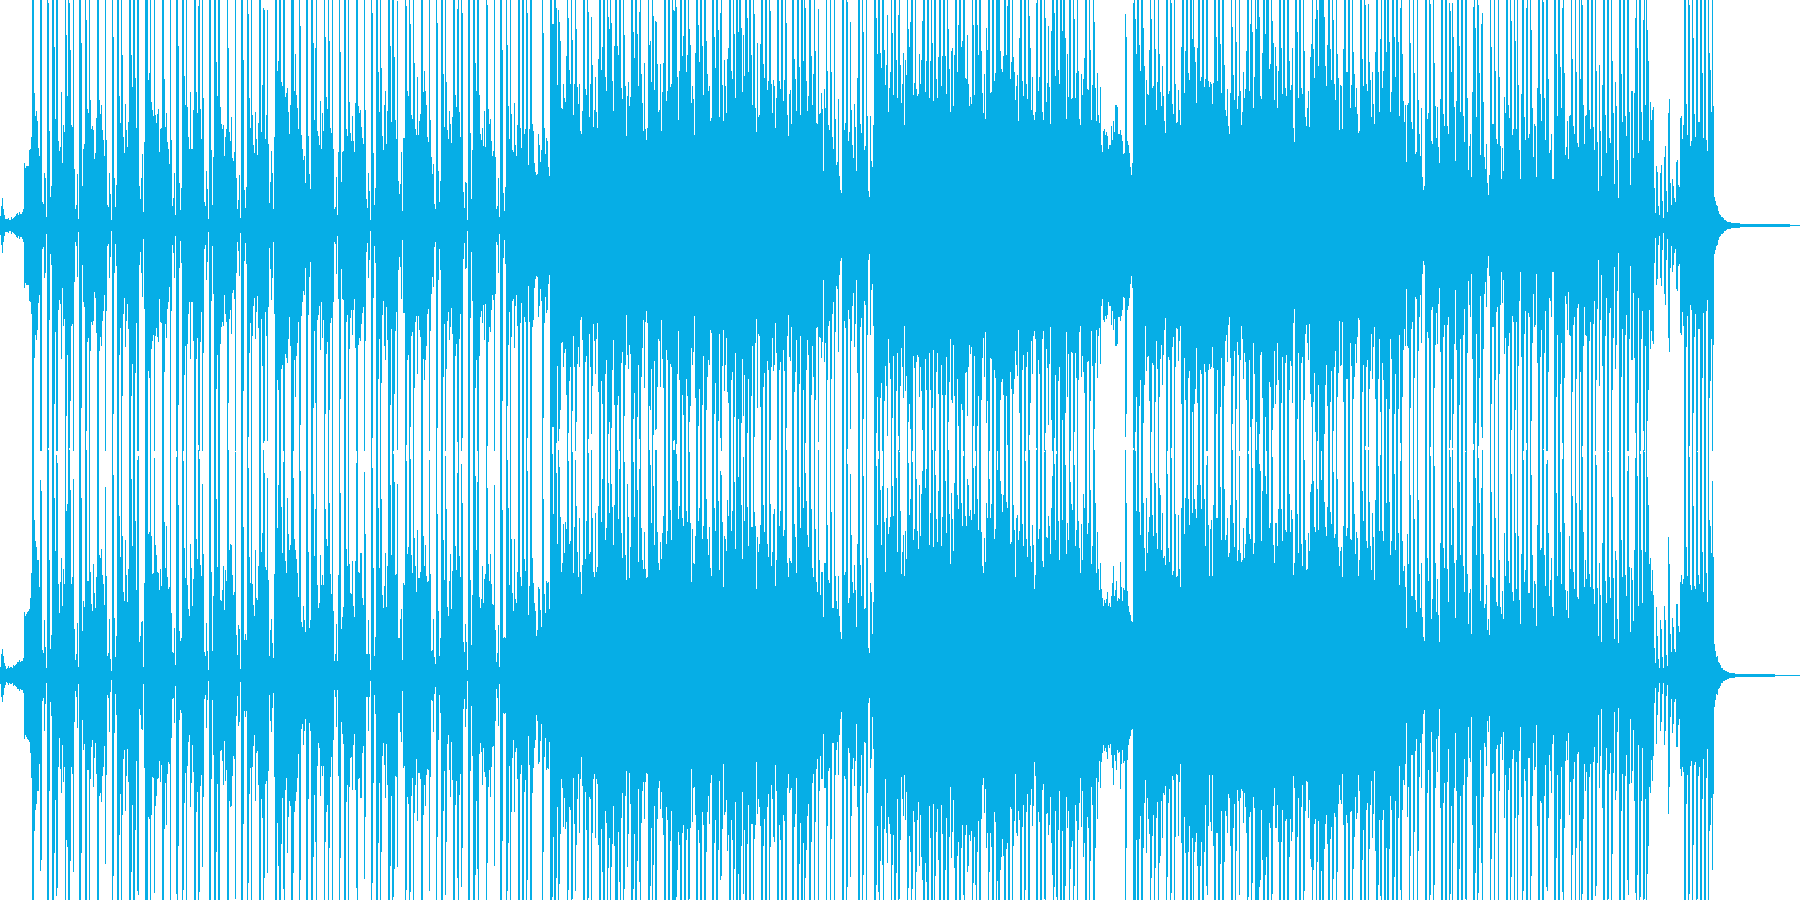 ビターエンドの切ないR&B 短尺★の再生済みの波形